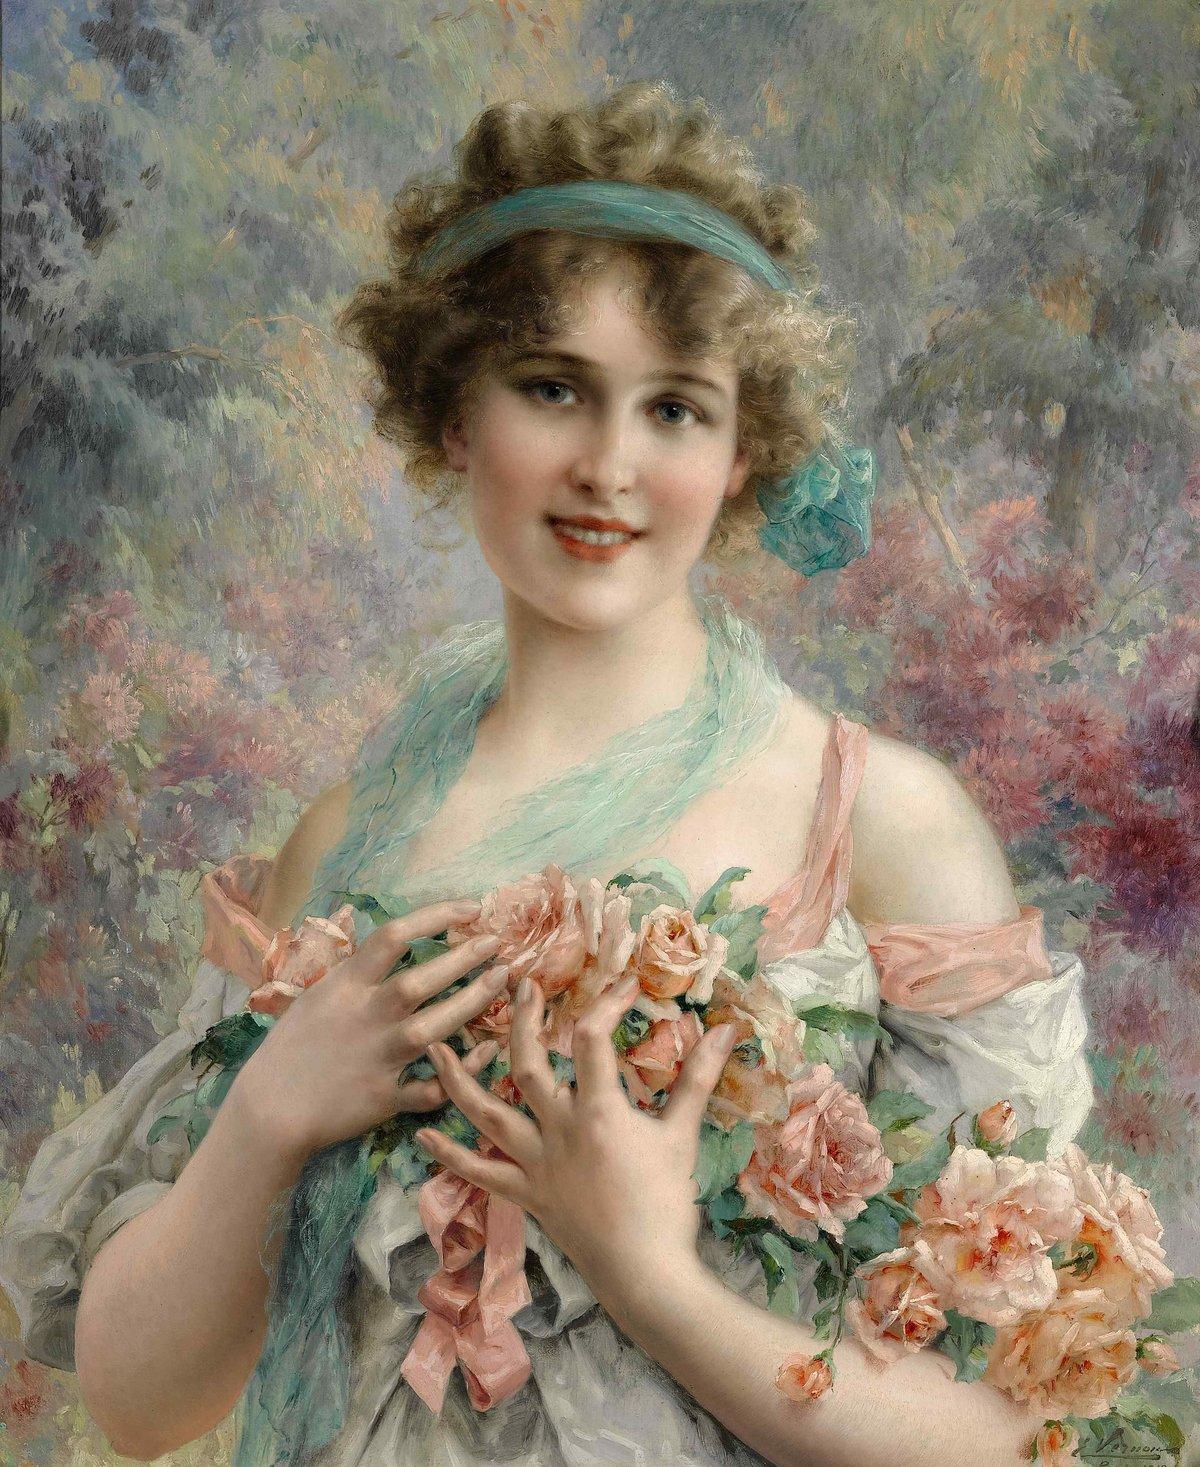 Кролика, картинки красивые портреты женщин